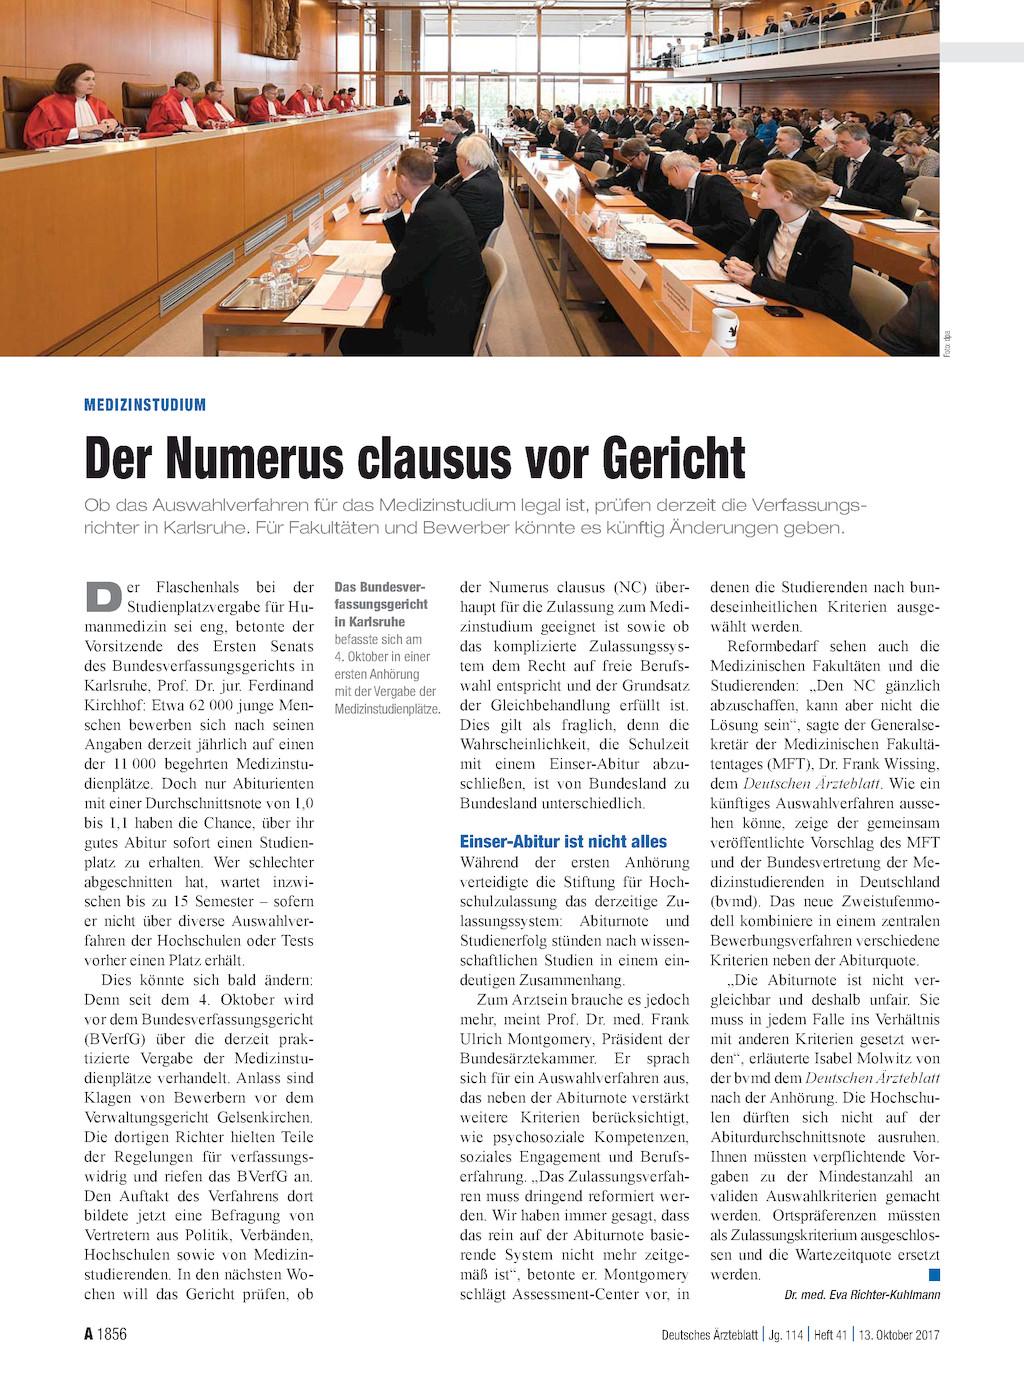 Medizinstudium der numerus clausus vor gericht for Der numerus clausus